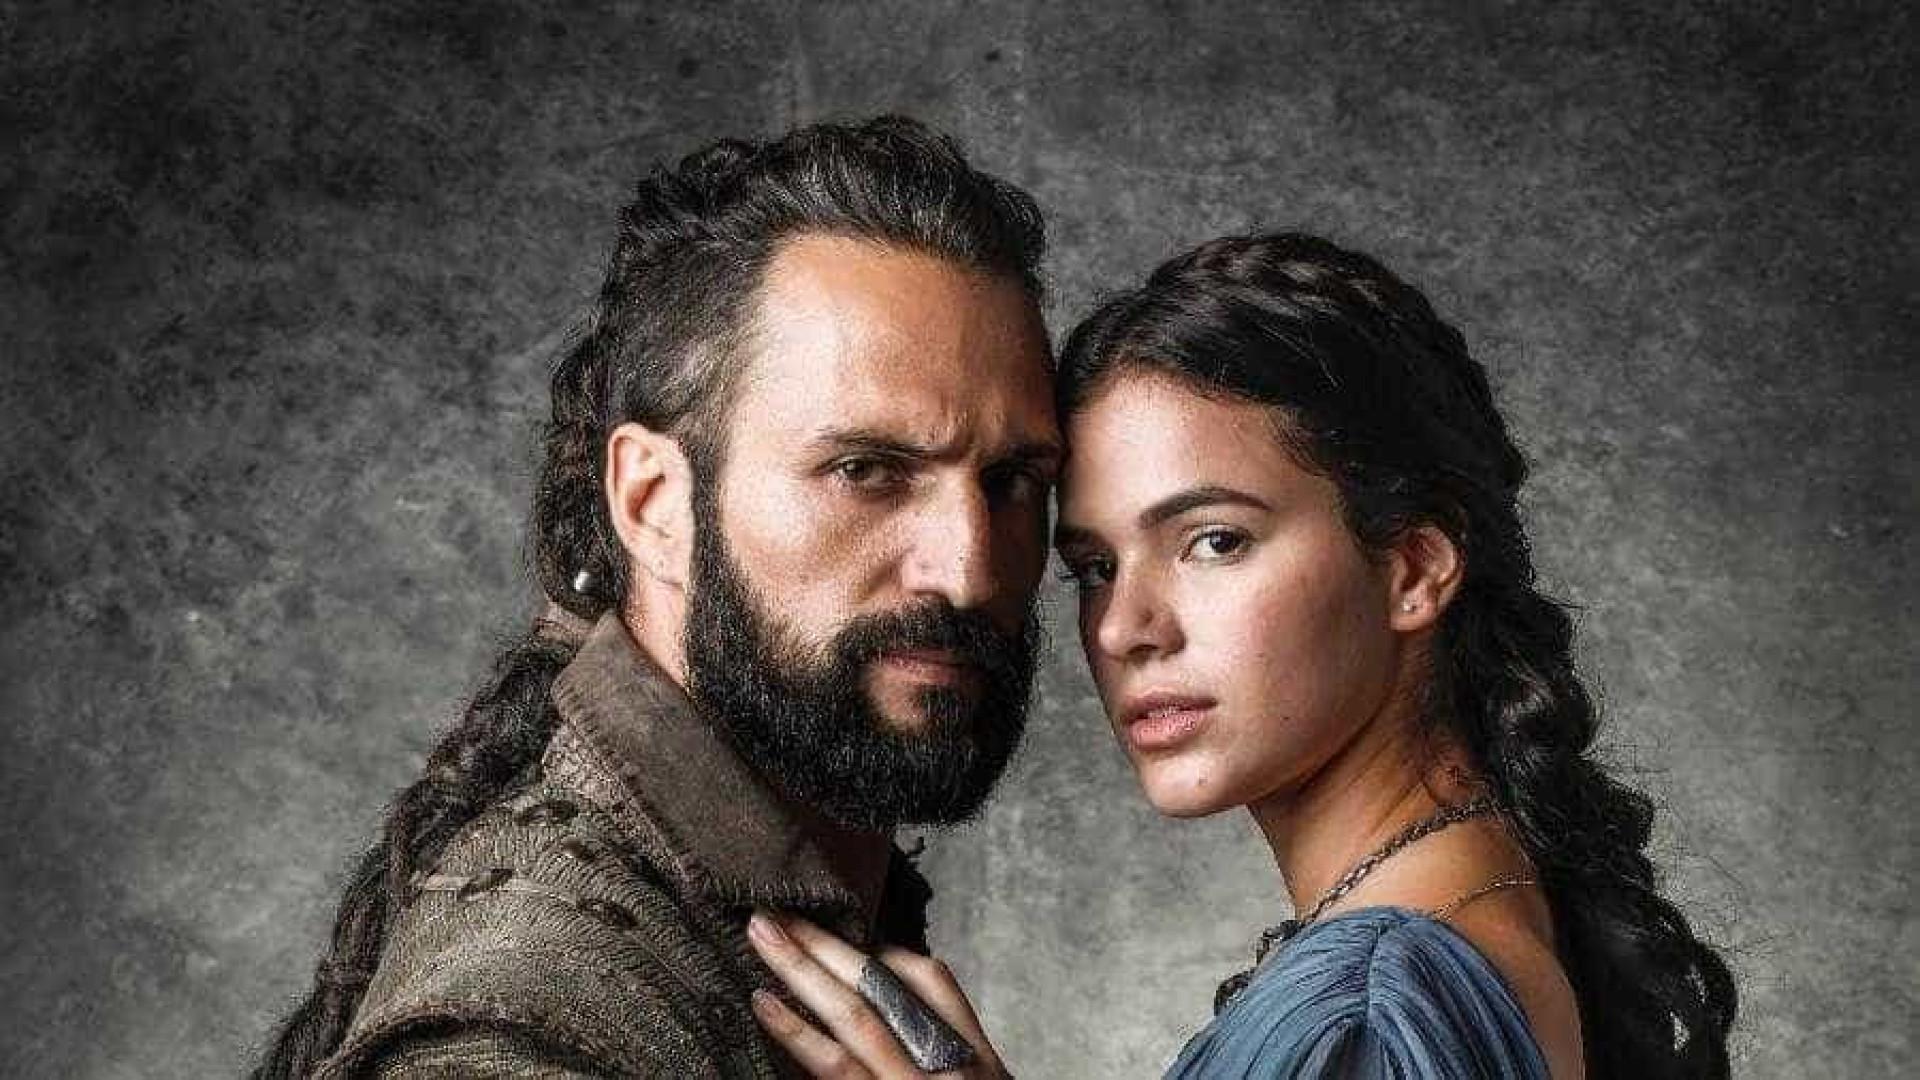 Par romântico de Bruna Marquezine elogia a atriz: 'Relação ótima'